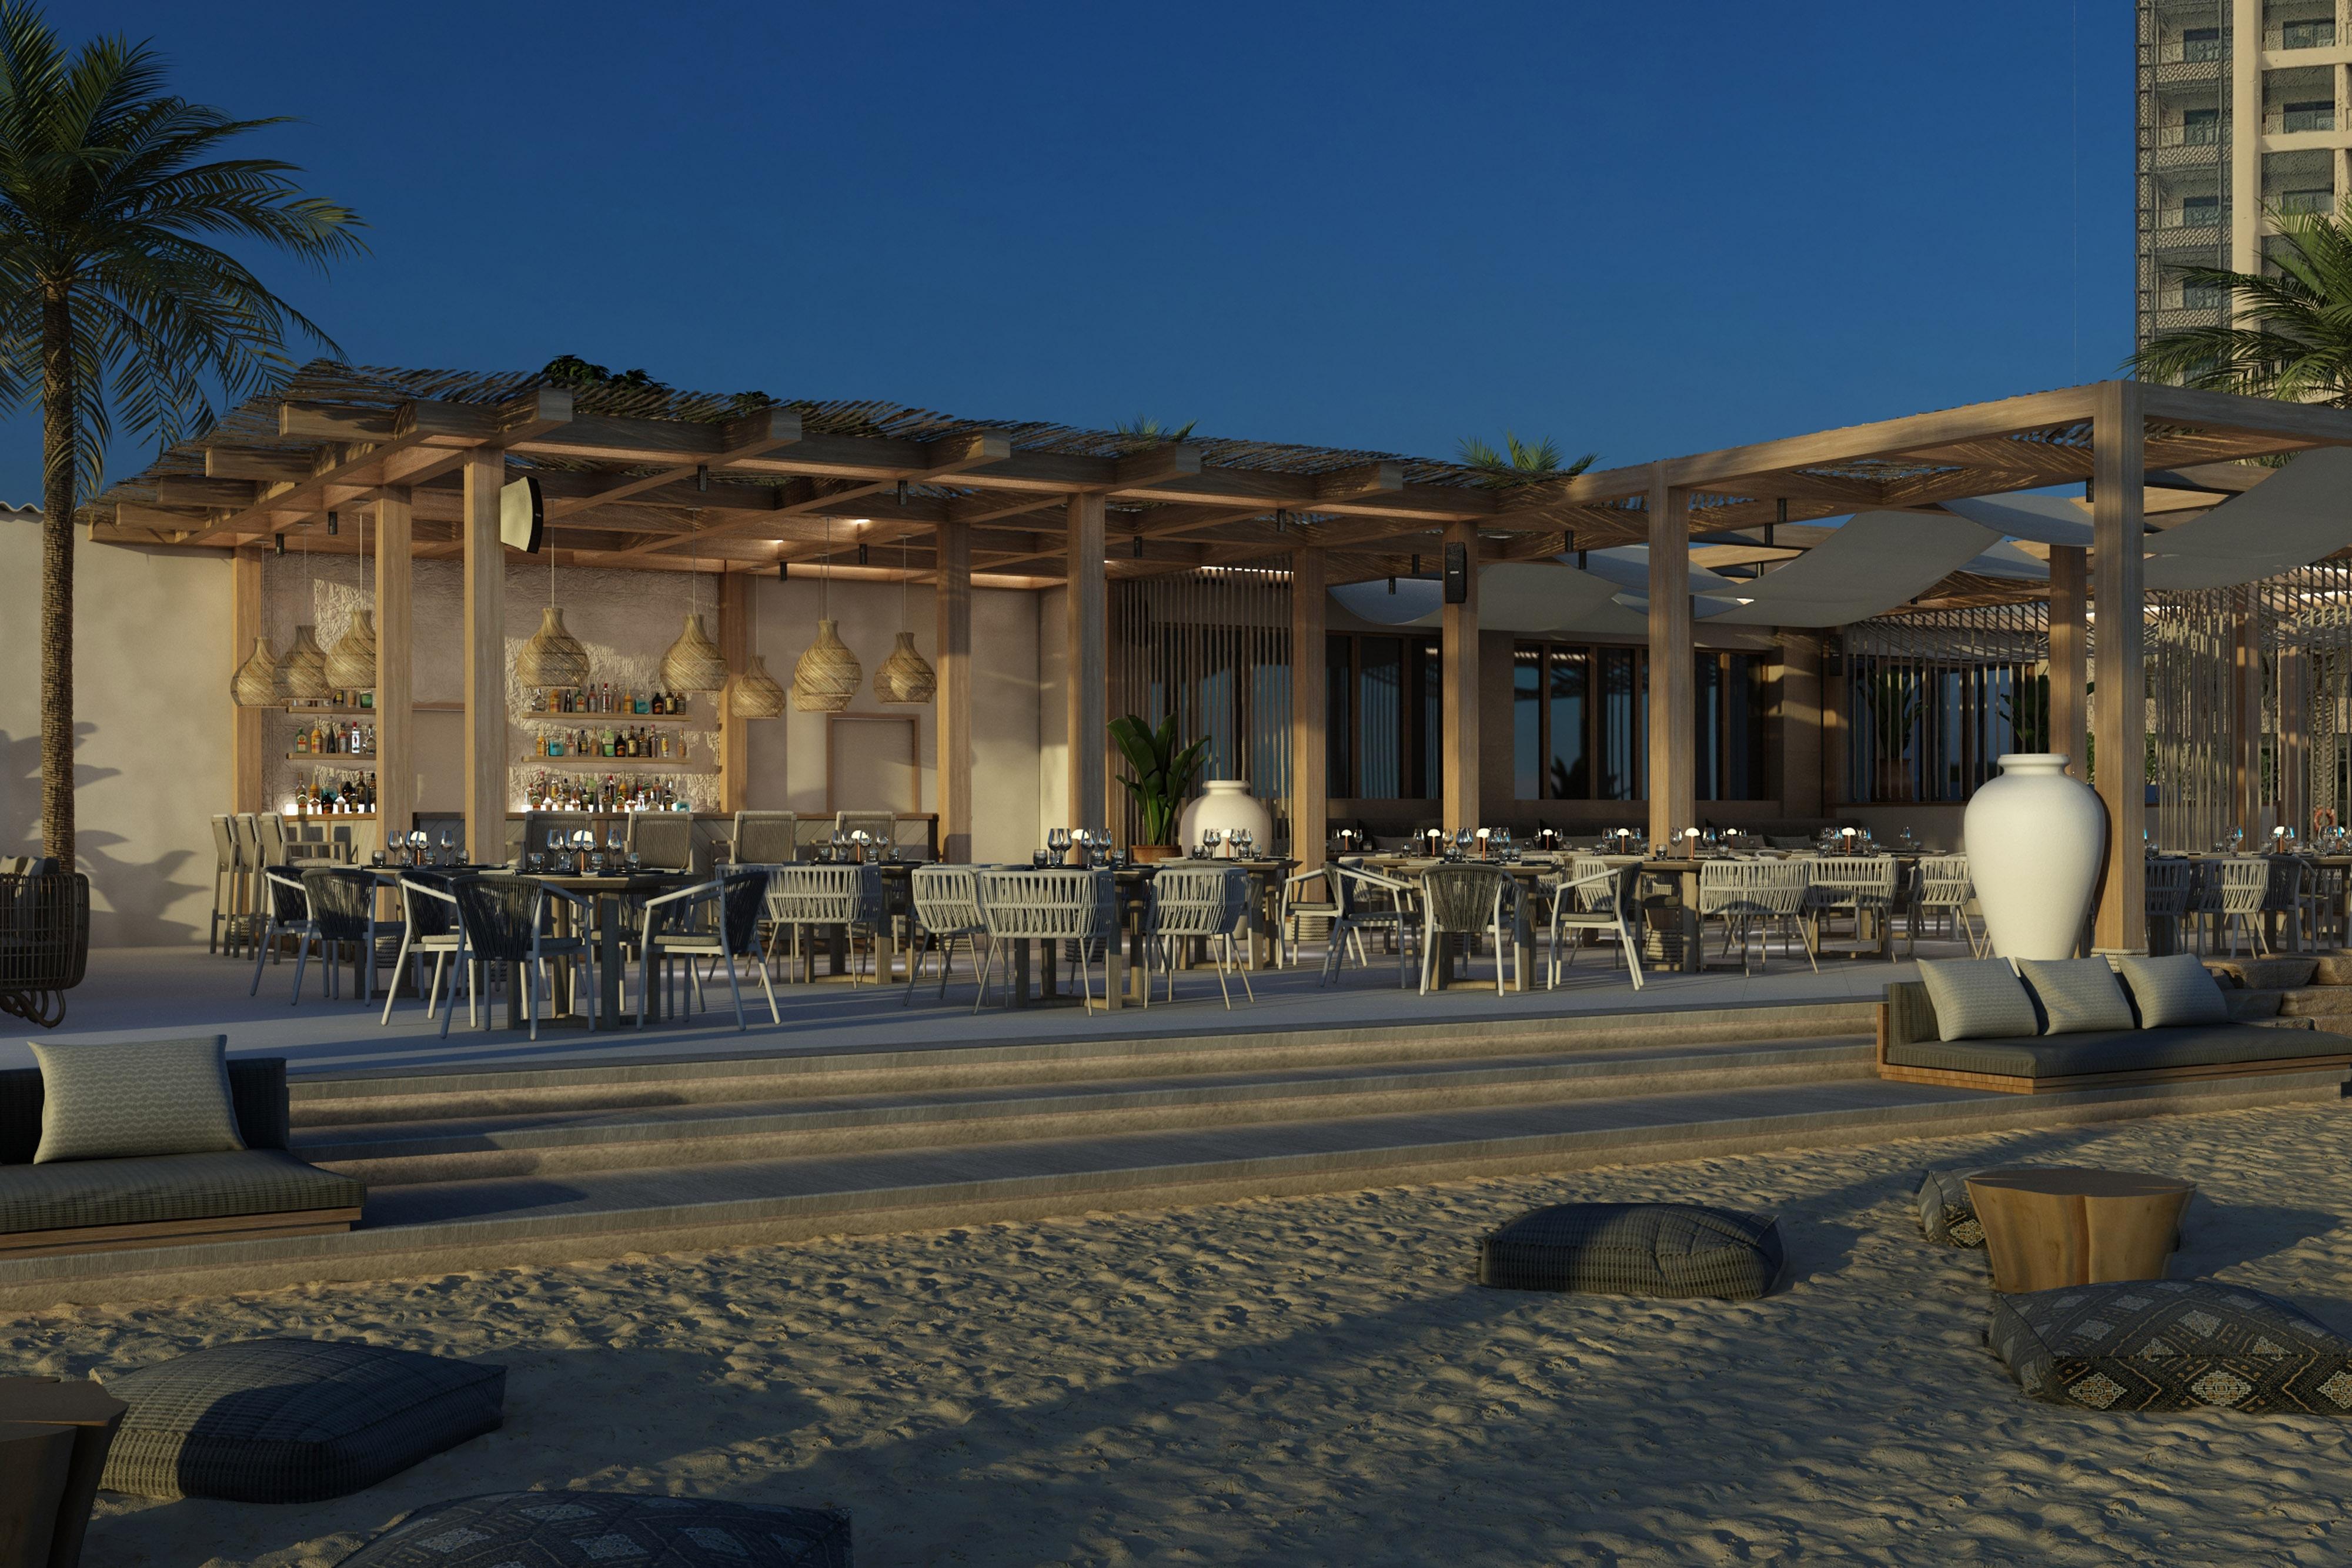 بار شاطئي ومطعم مشويات باب البحر